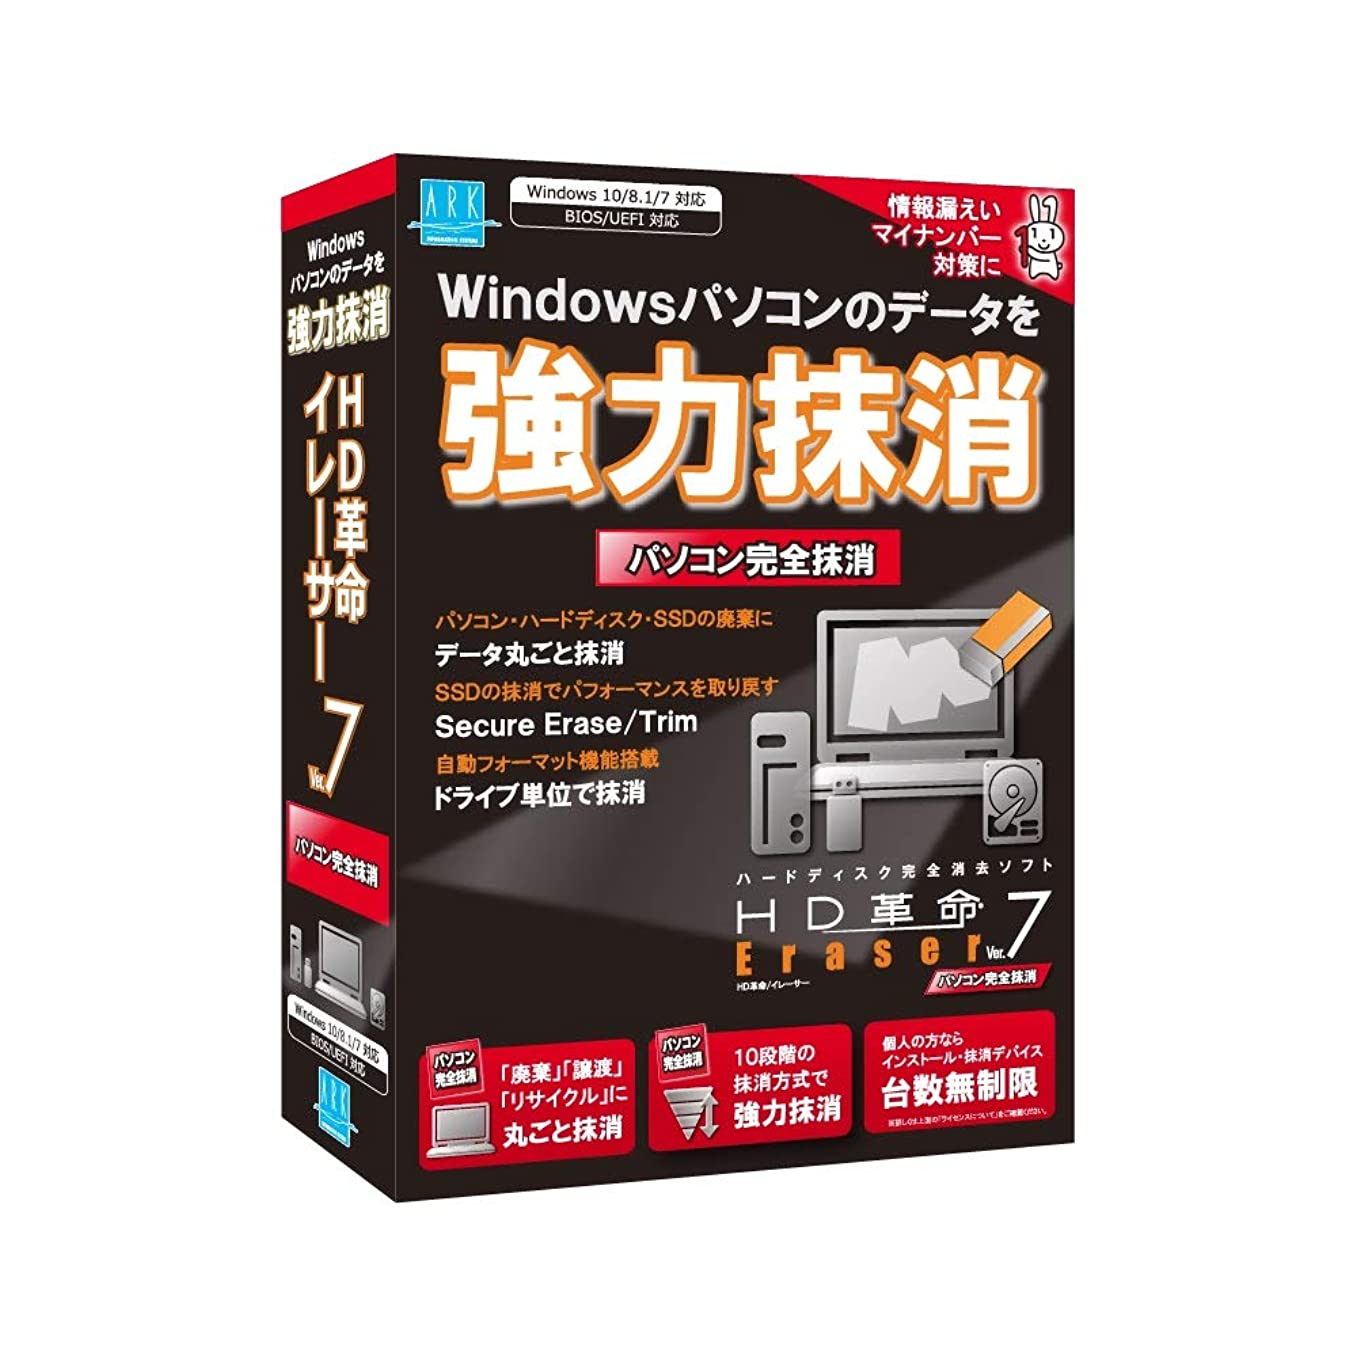 乗算ピジントラフHD革命/Eraser_Ver.7_パソコン完全抹消_通常版 ハードディスク SSD データ抹消 データ消去 情報漏えい対策 抹消ソフト イレーサー